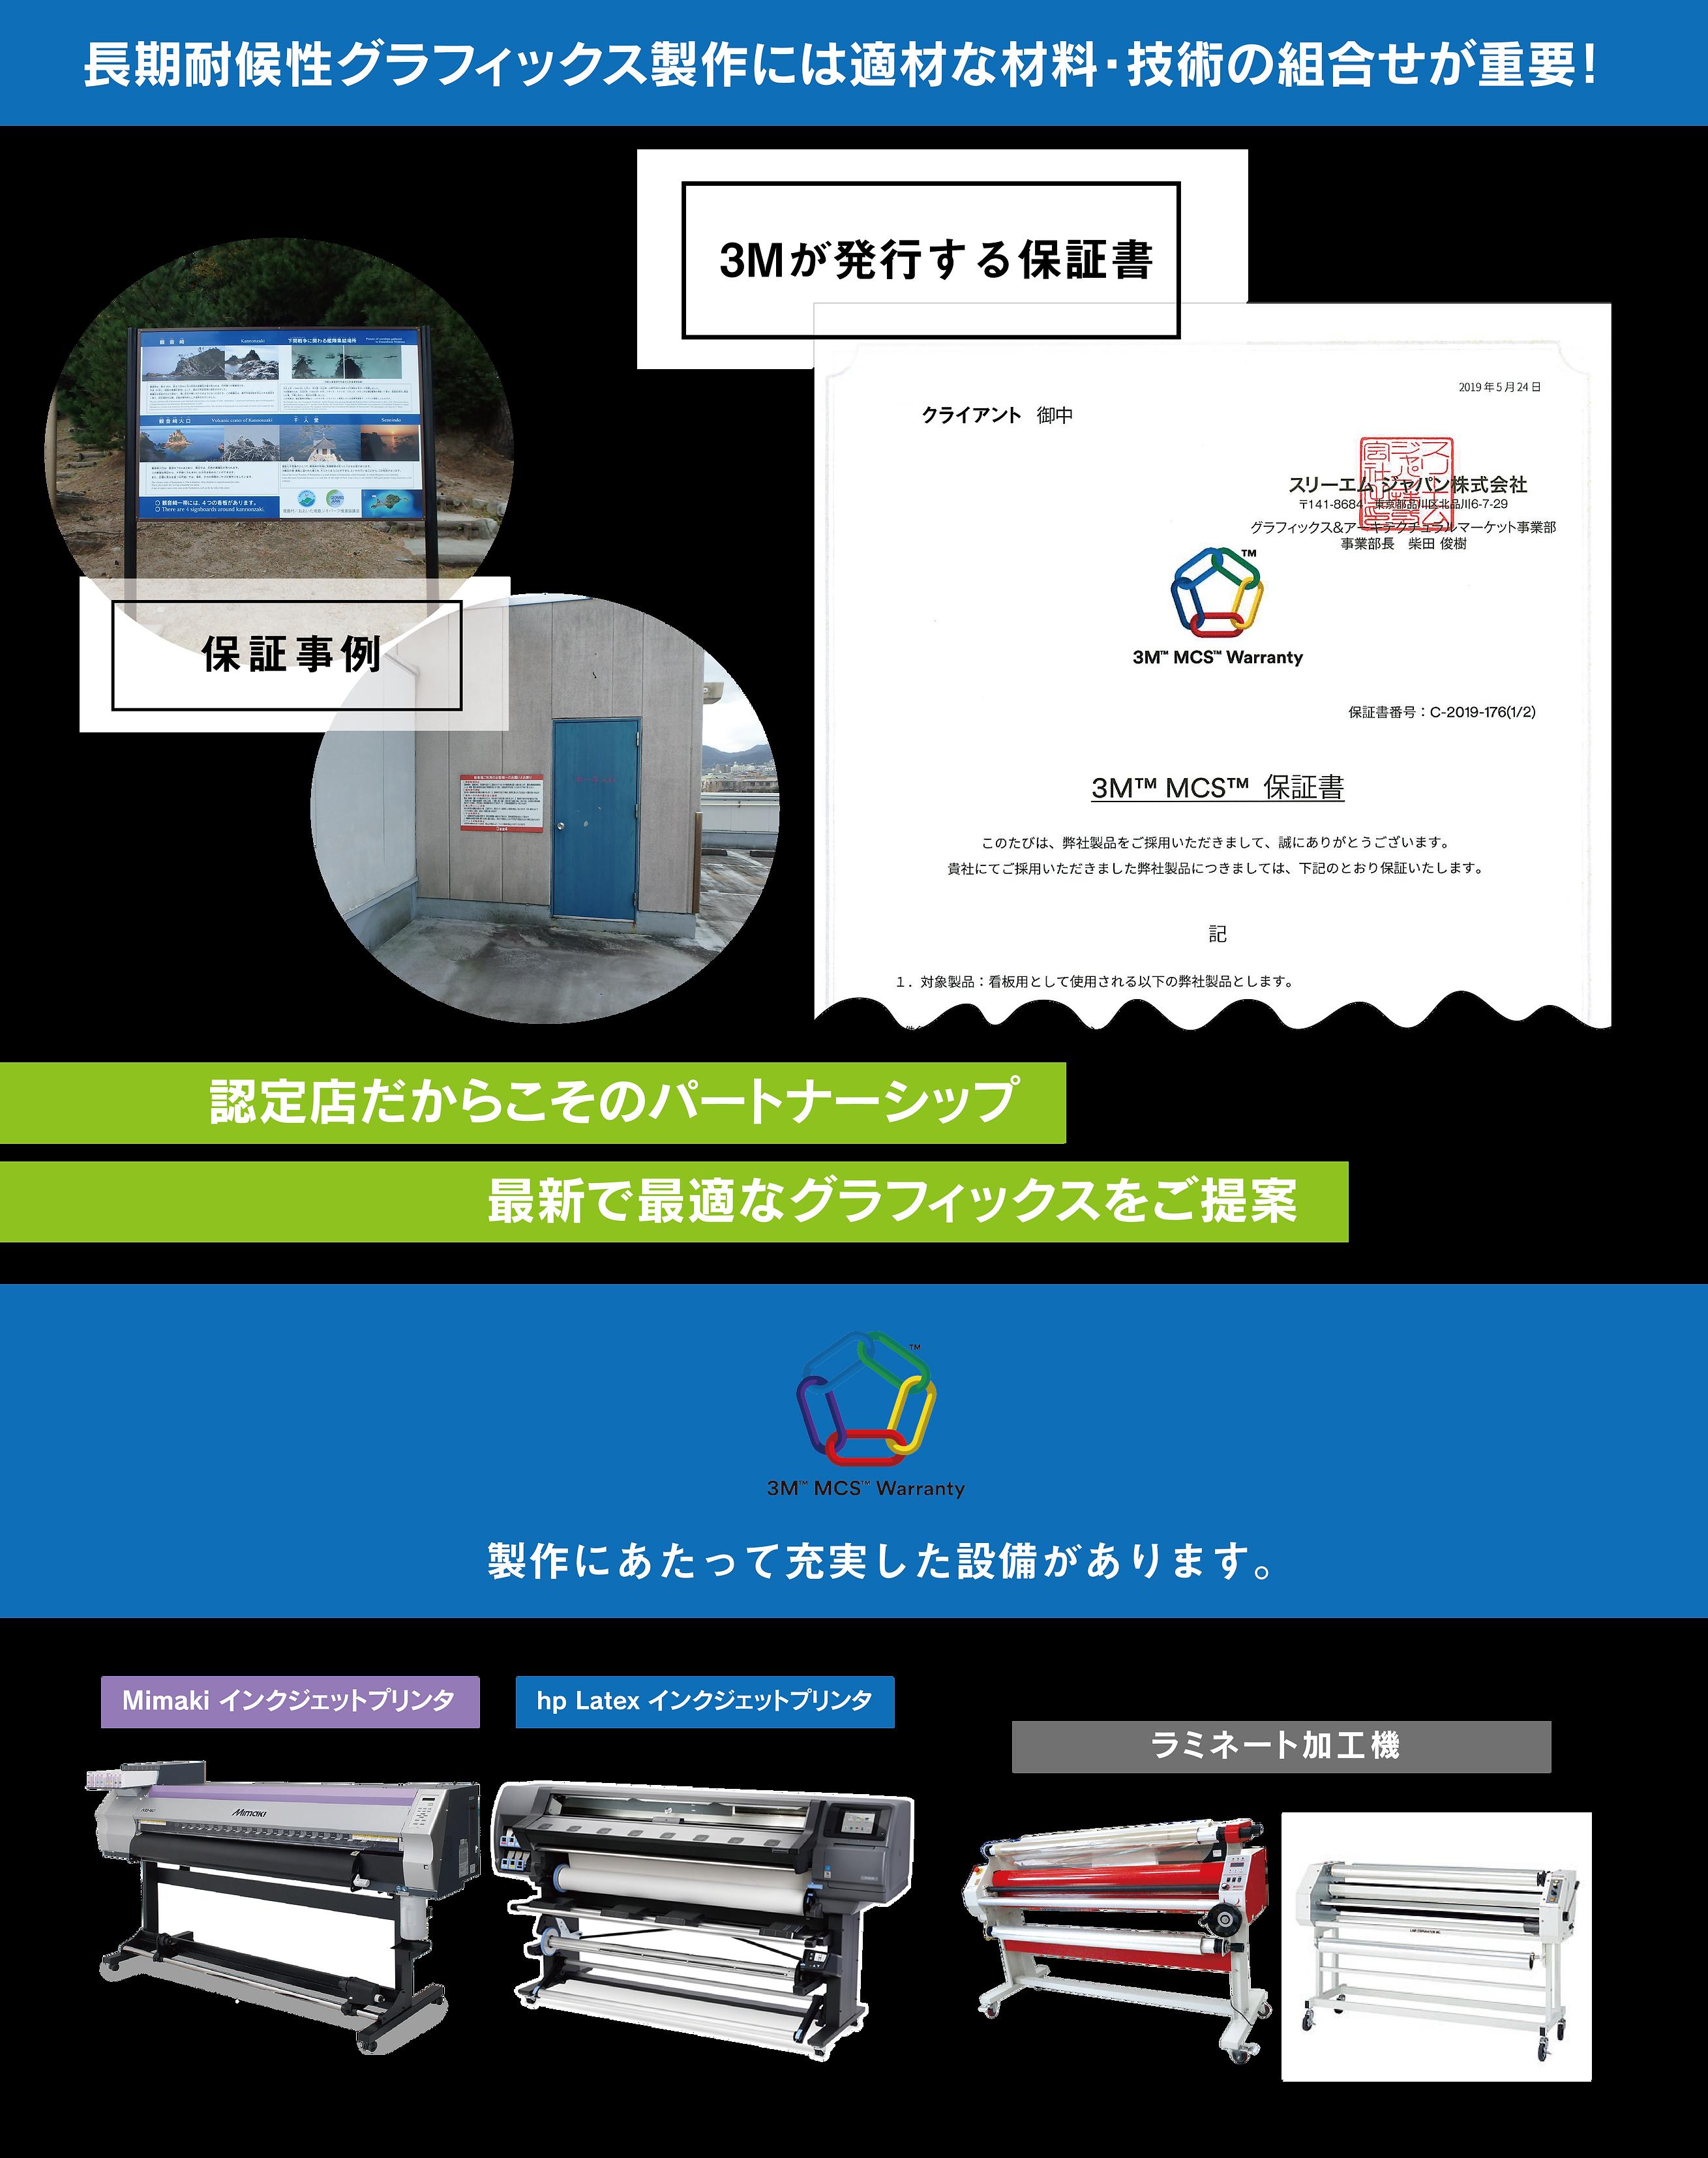 保証事例_プリンタ情報-02.png